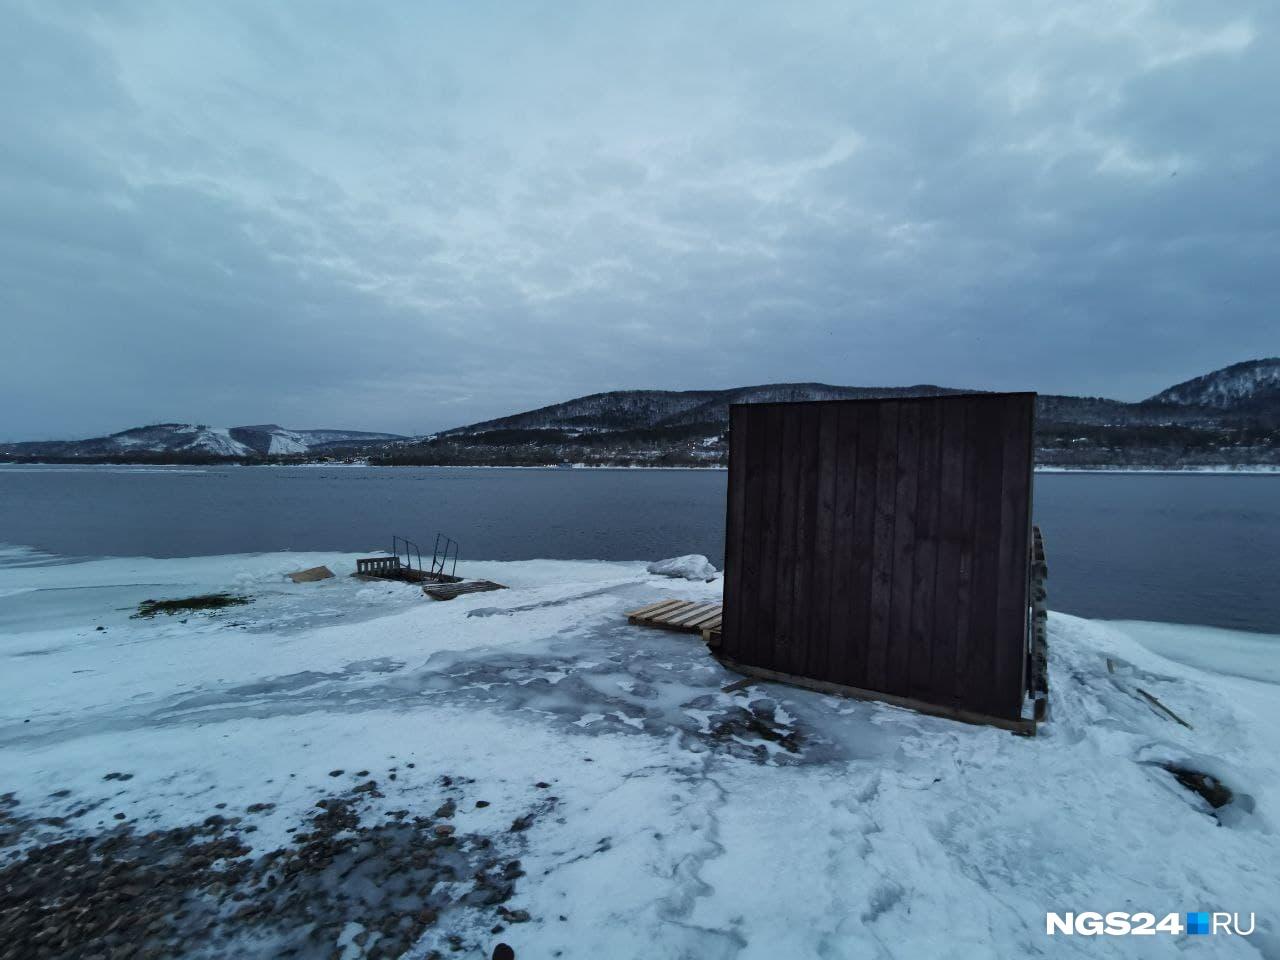 Эту будку для защиты от ветра мы застали днем, но ее убрали ближе к ночи